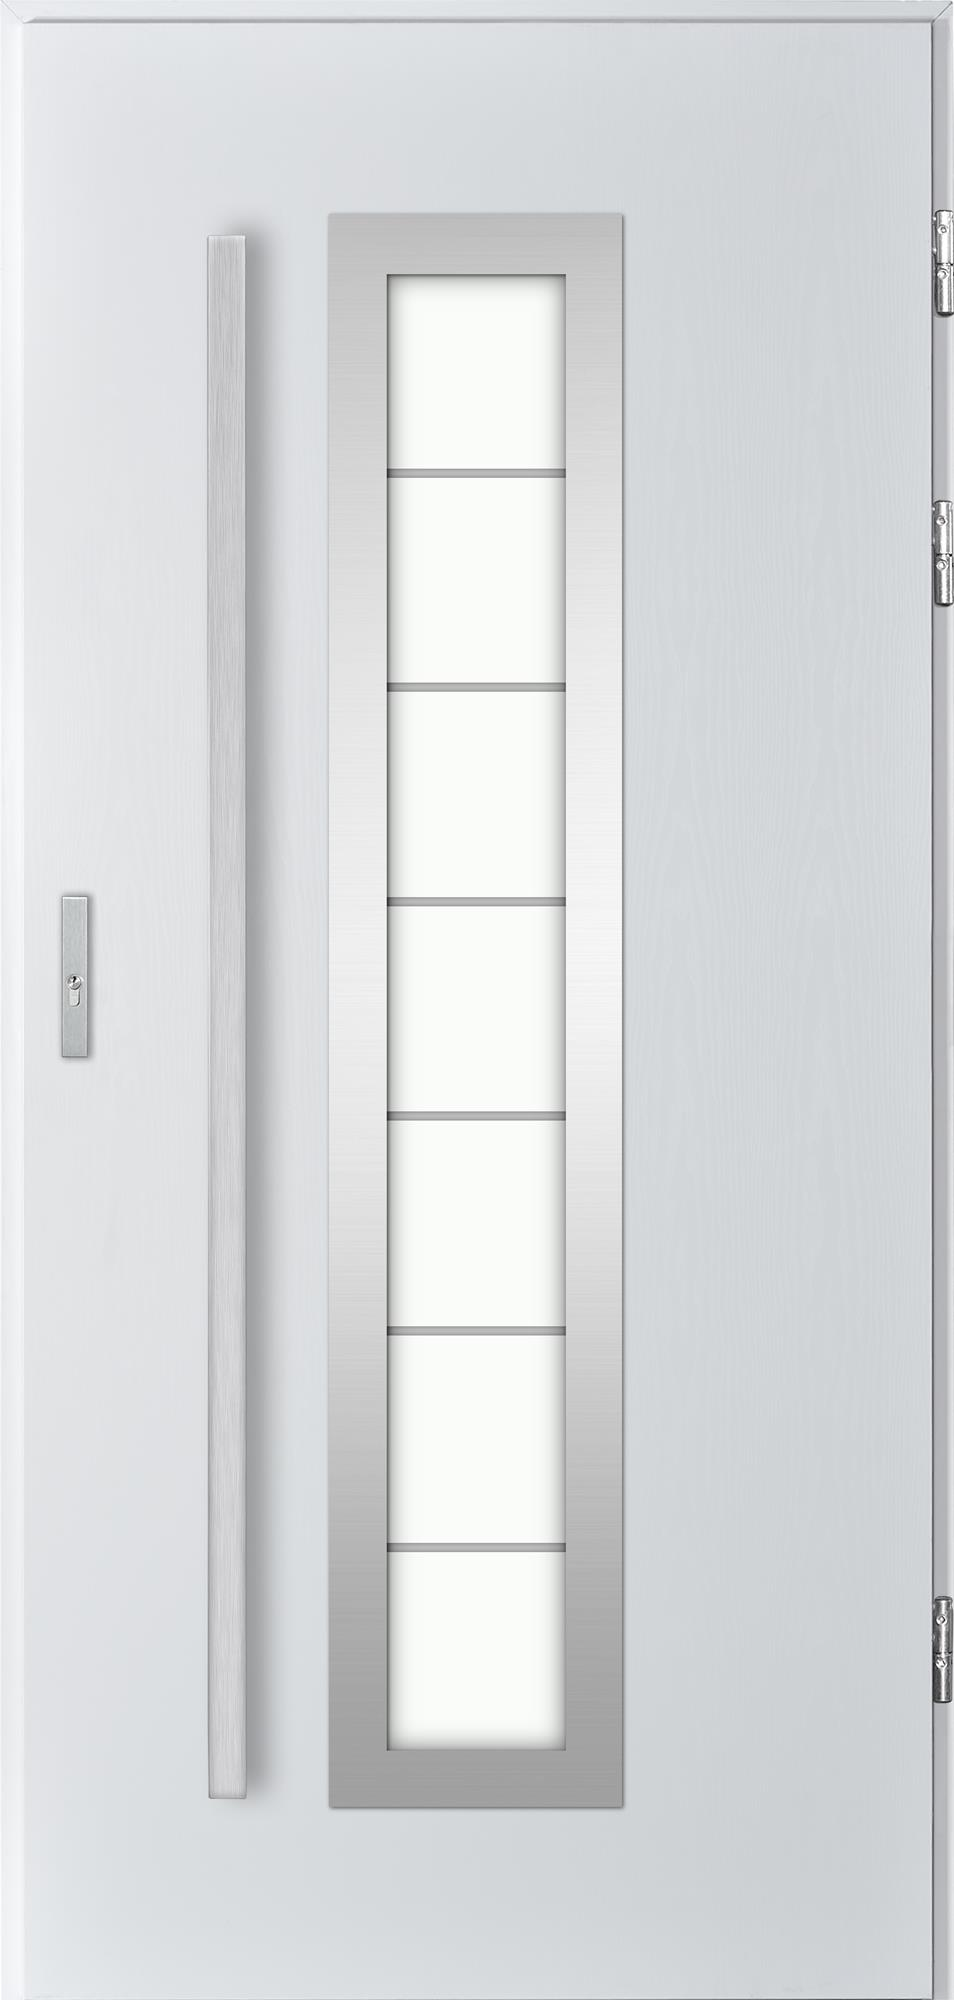 Venkovní vchodové dveøe Tanya, bílá